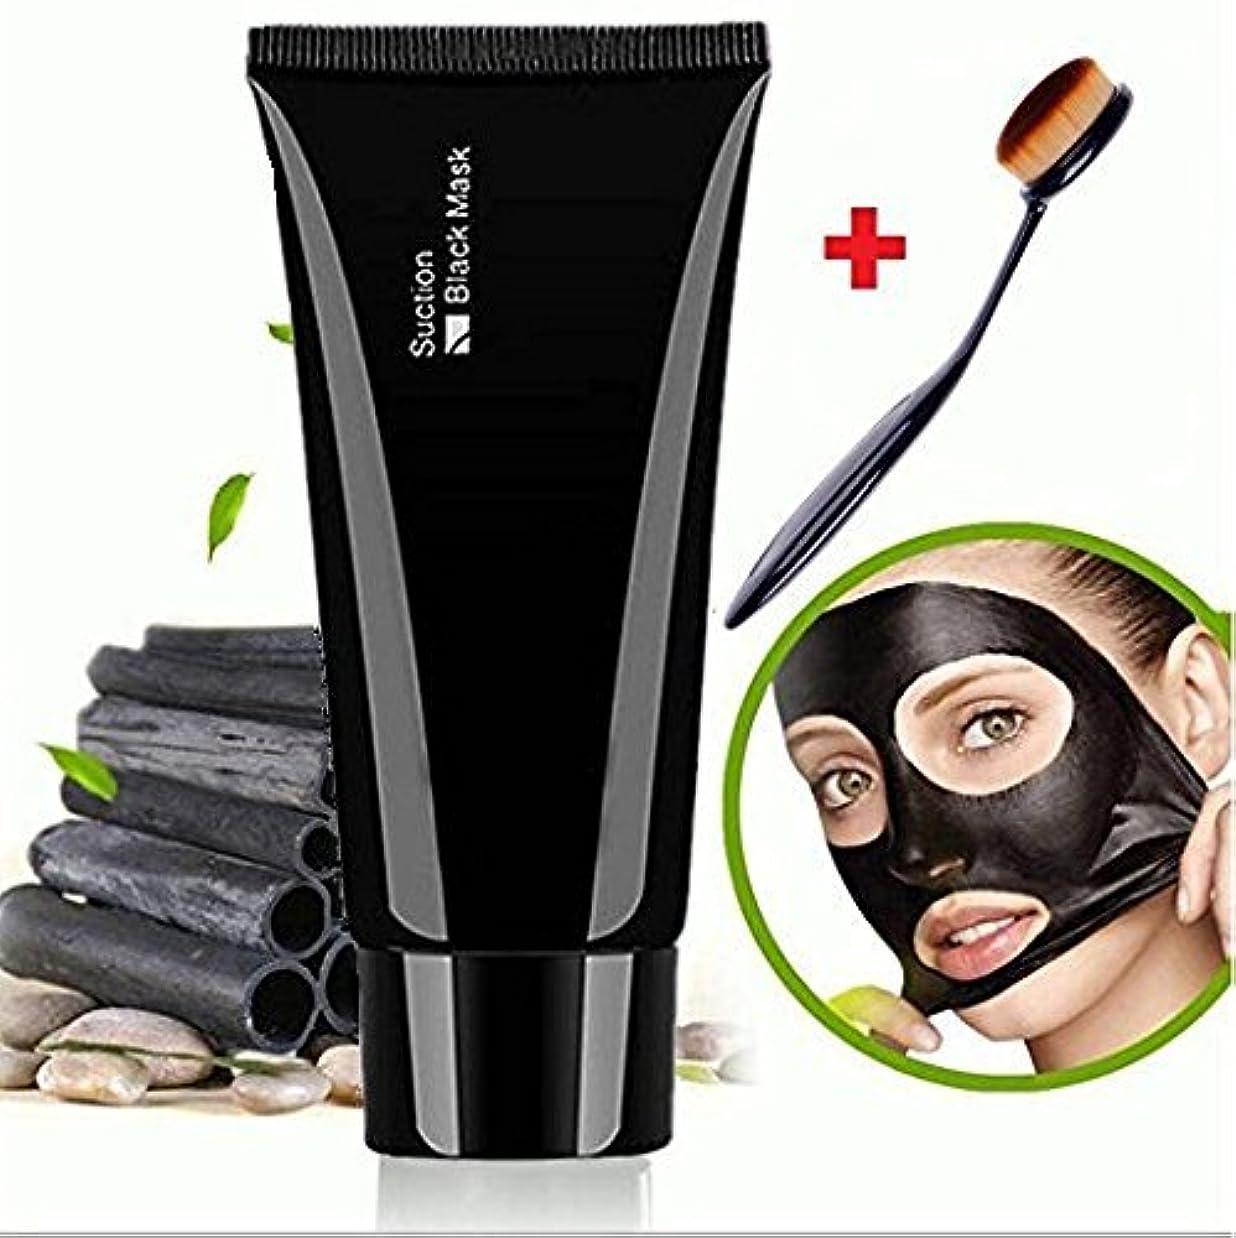 保存するじゃないこだわりFacial Mask Black, Face Apeel Cleansing Mask Deep Cleanser Blackhead Acne Remover Peel off Mask + Oval Brush